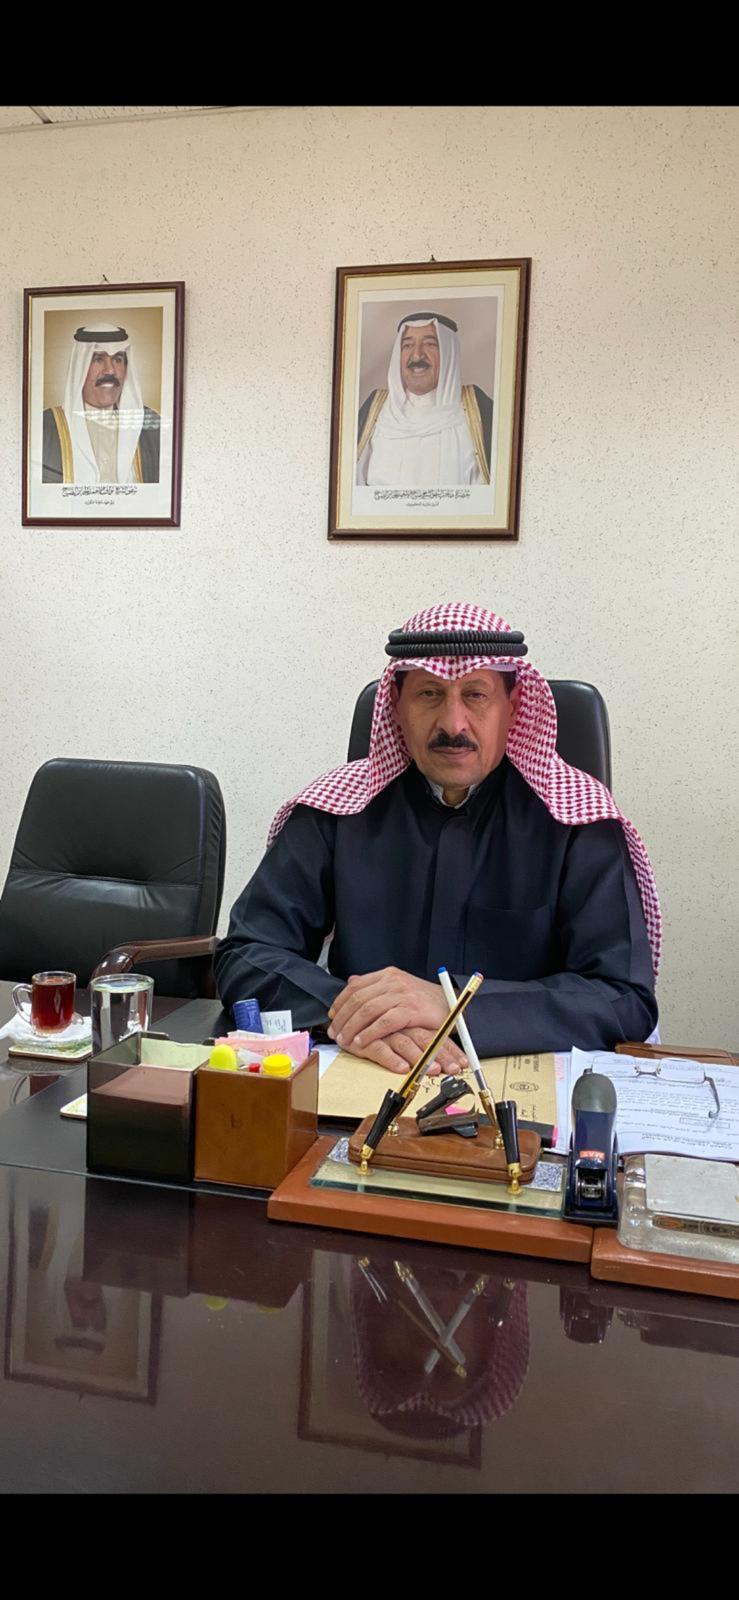 85c1f035 8f46 4baa 9305 956b3741d4e5 - #ظاهر_الصويان: نشكر وزير الداخلية واللجنة الرباعية .. ونؤكد إطلاق سراح جميع الصيادين